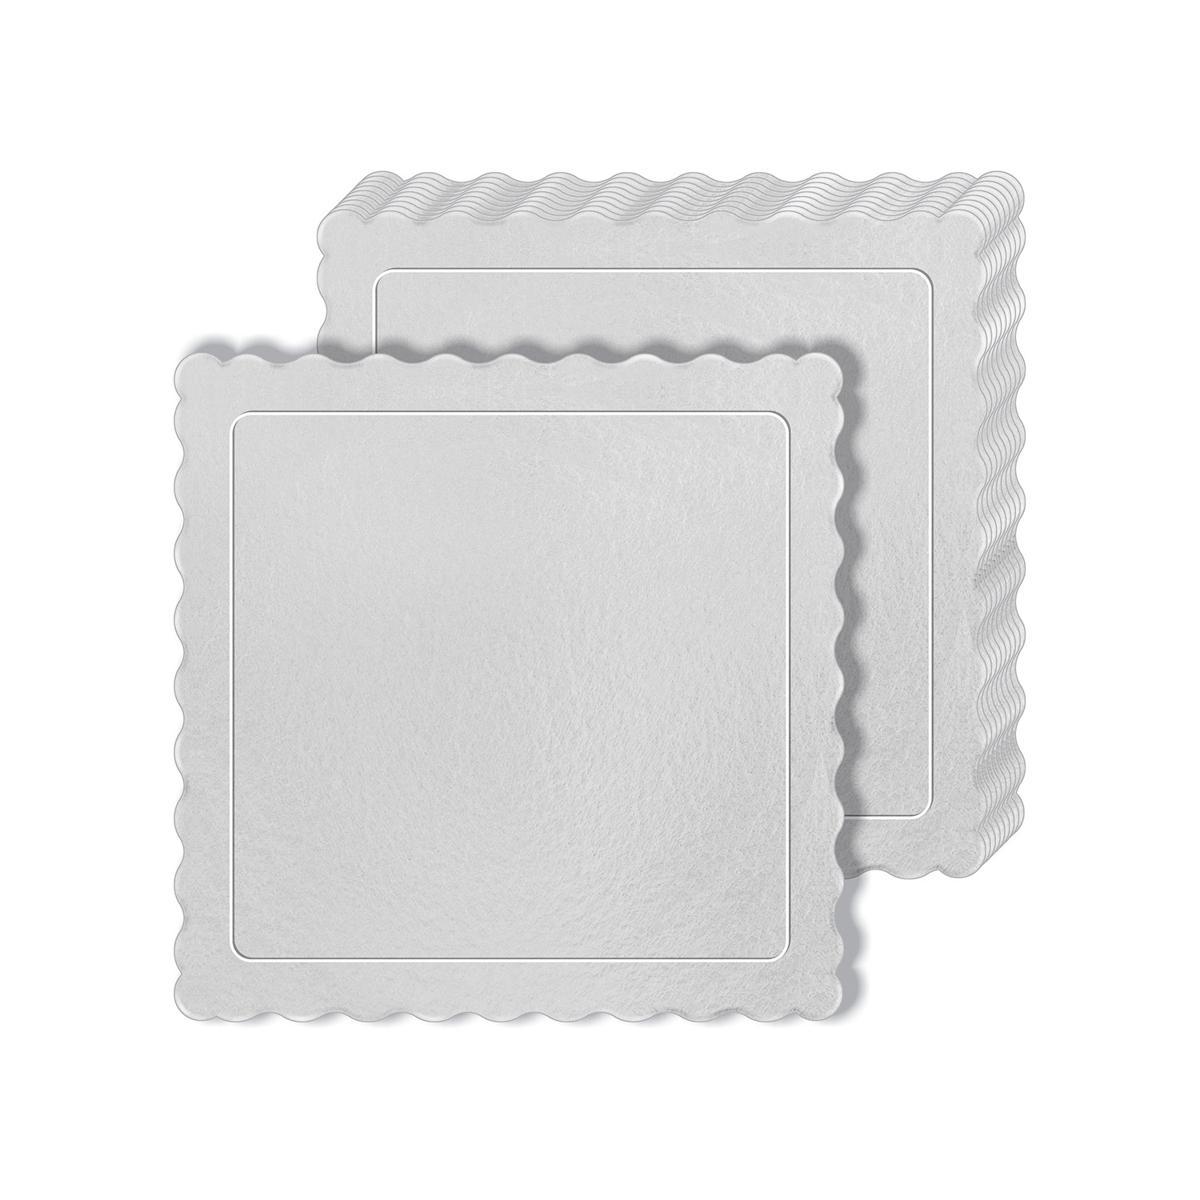 50 Bases Laminadas Para Bolo Quadrado, Cake Board 28x28cm - Branco